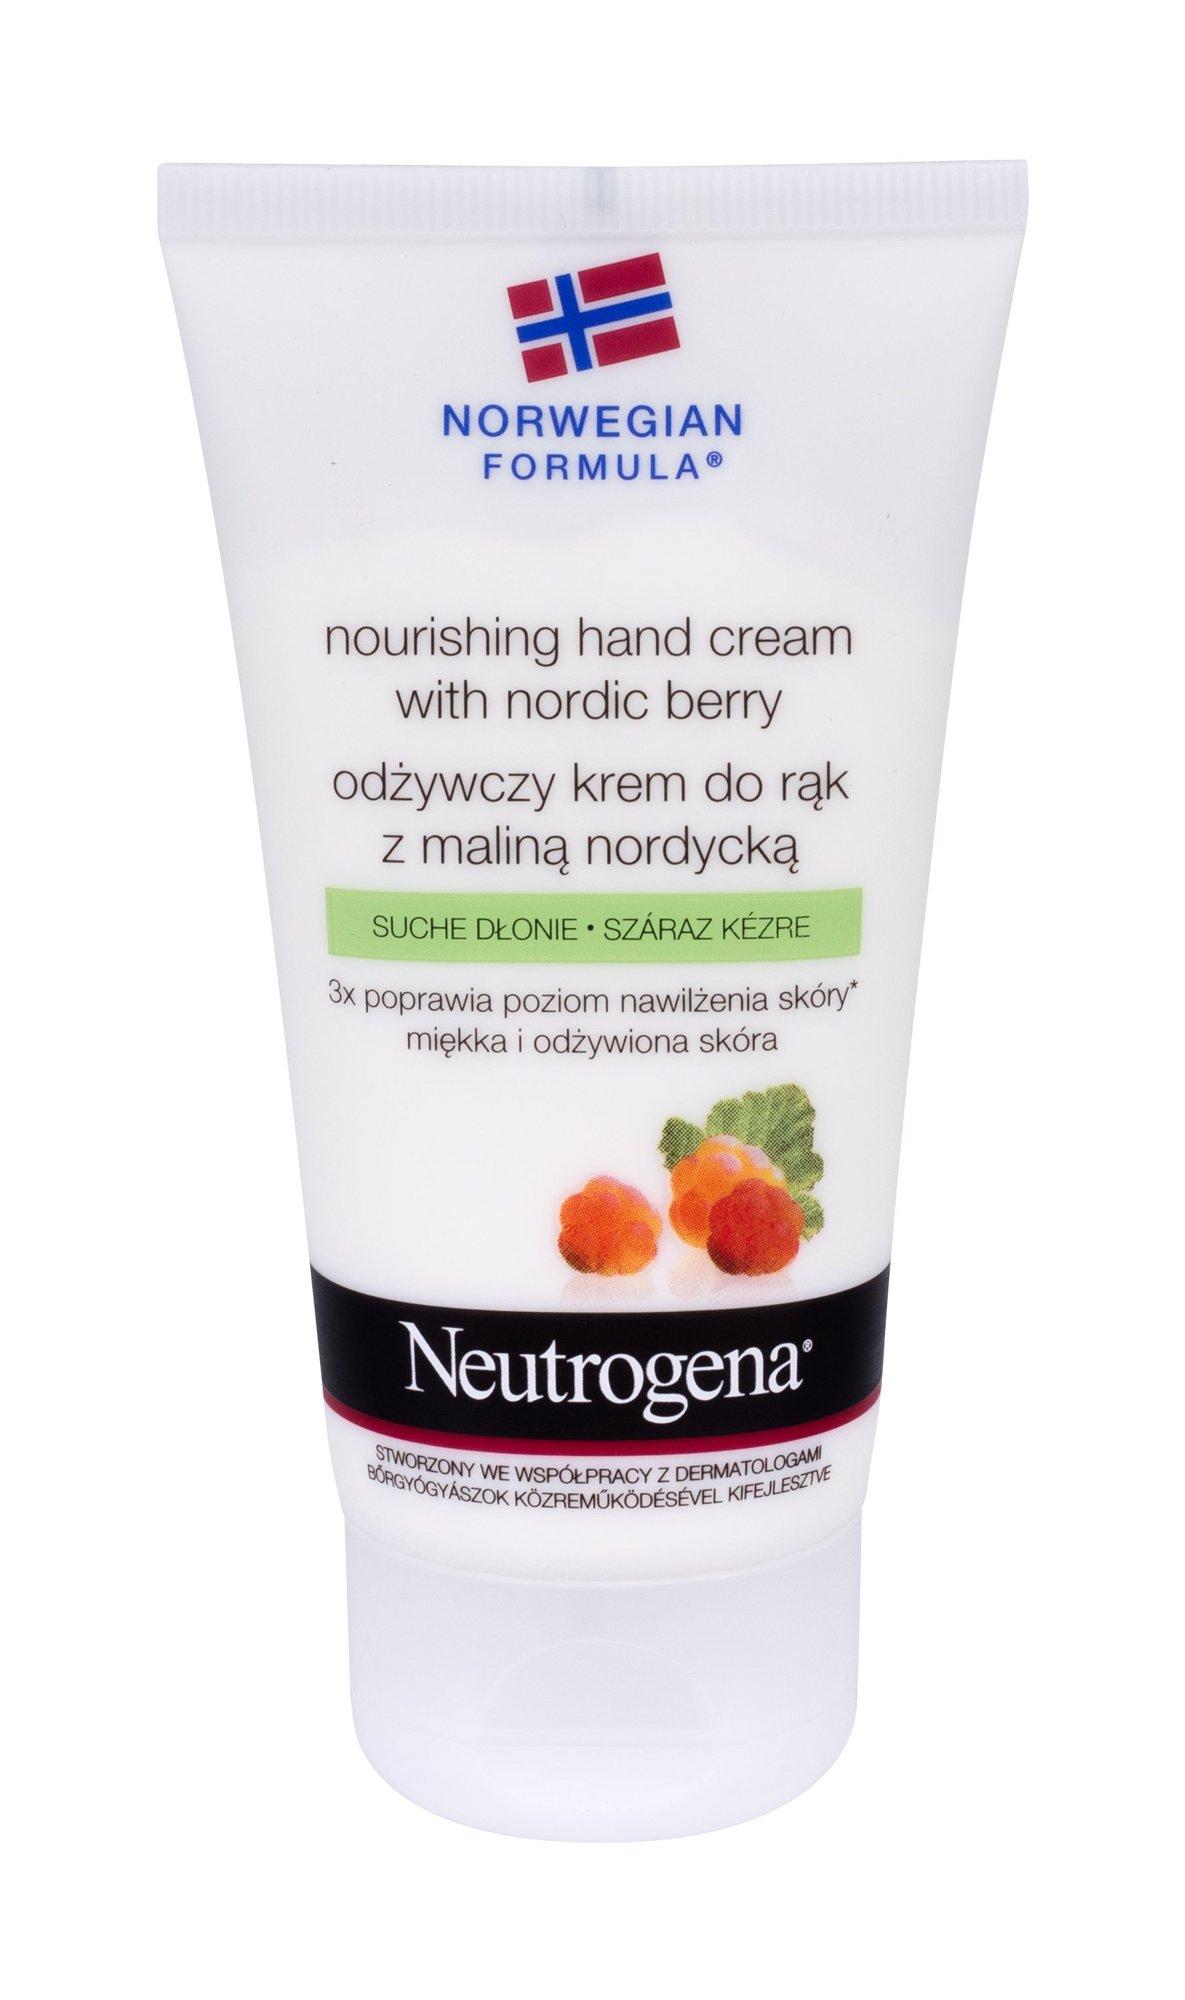 Neutrogena Nourishing Hand Cream With Nordic Berry